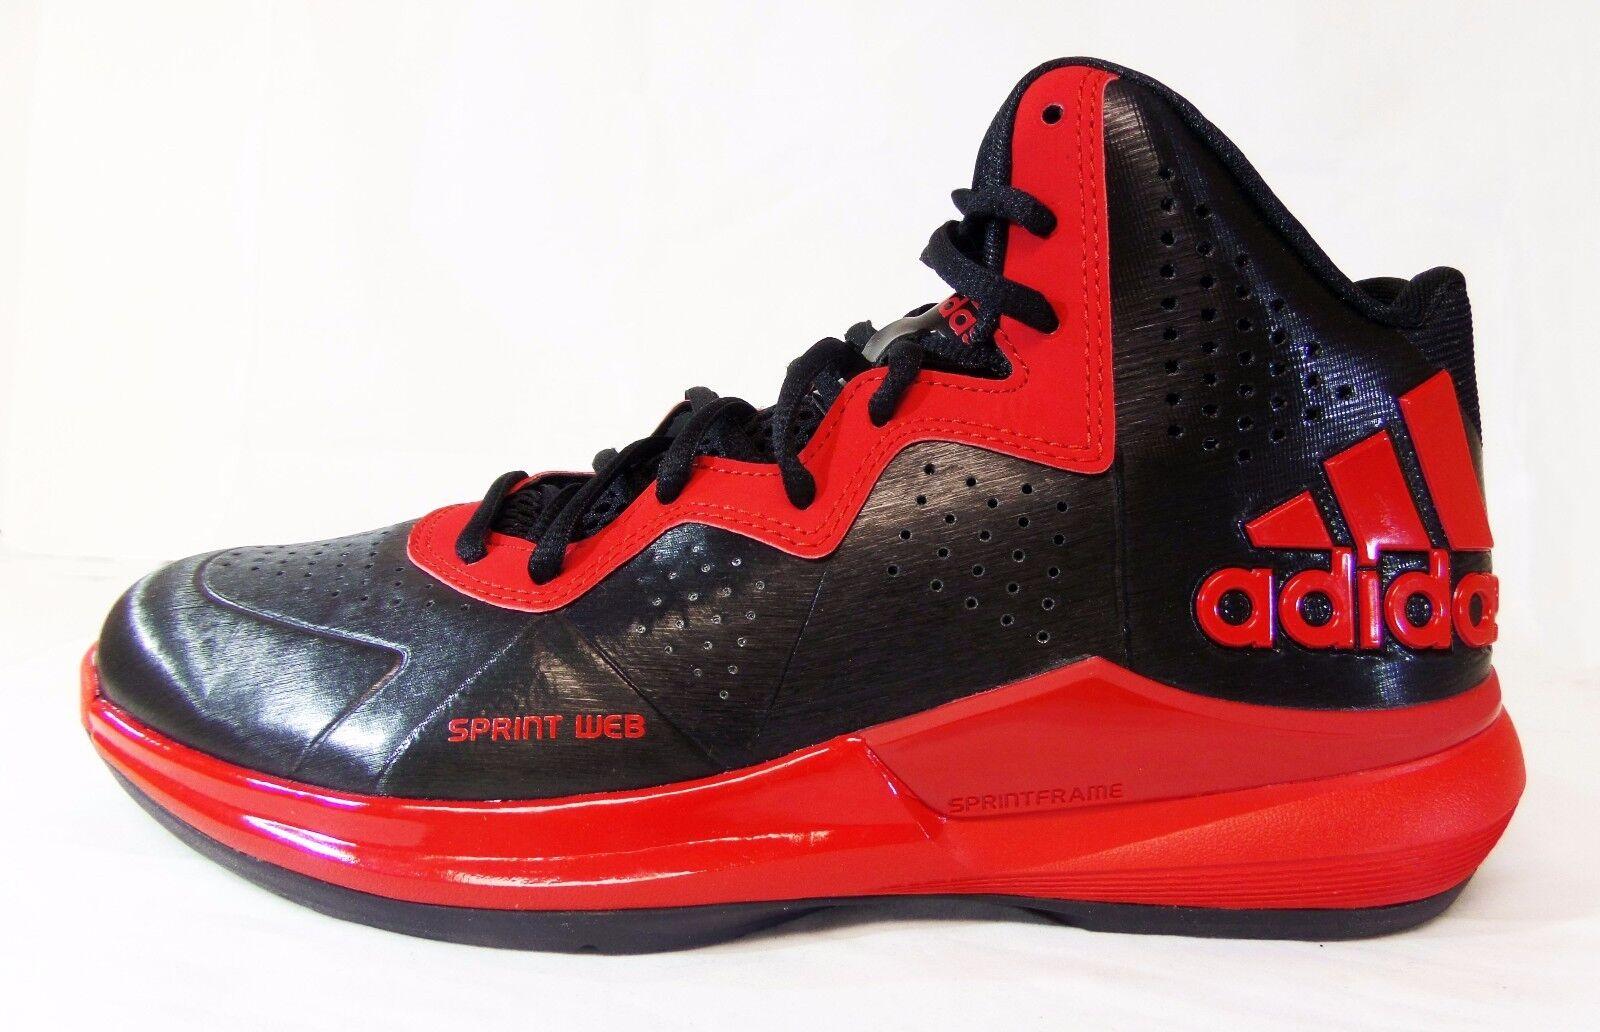 Adidas uomini 'intimidire scarpe da basket nero / rosso c75558 a1